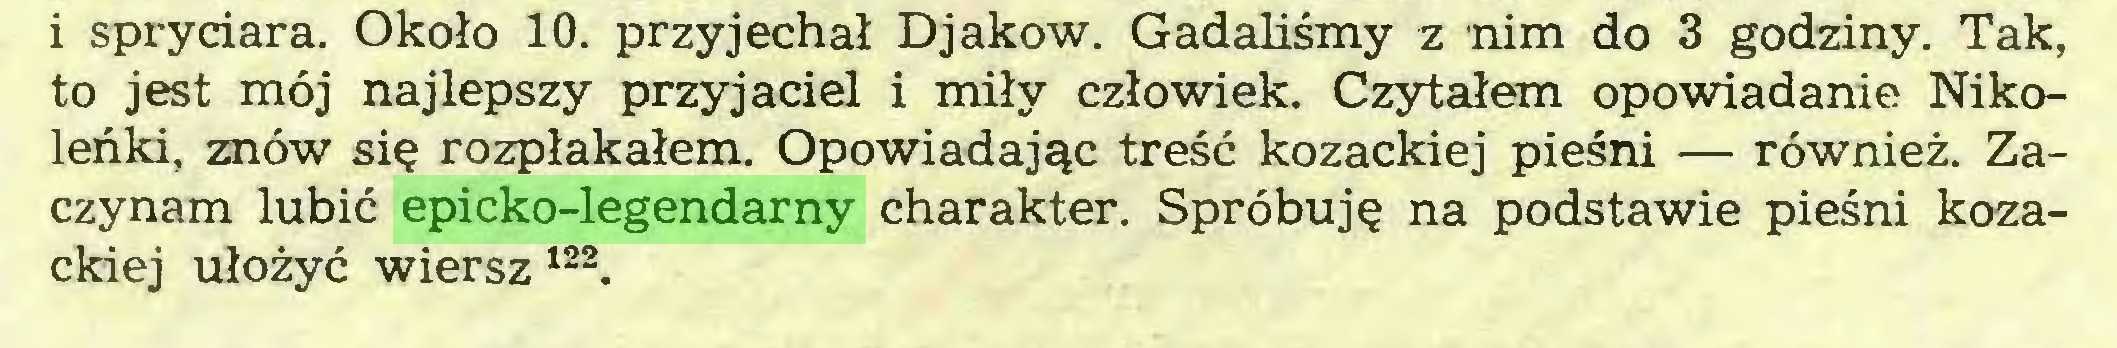 (...) i spryciara. Około 10. przyjechał Djakow. Gadaliśmy z nim do 3 godziny. Tak, to jest mój najlepszy przyjaciel i miły człowiek. Czytałem opowiadanie Nikoleńki, znów się rozpłakałem. Opowiadając treść kozackiej pieśni — również. Zaczynam lubić epicko-legendarny charakter. Spróbuję na podstawie pieśni kozackiej ułożyć wiersz122...